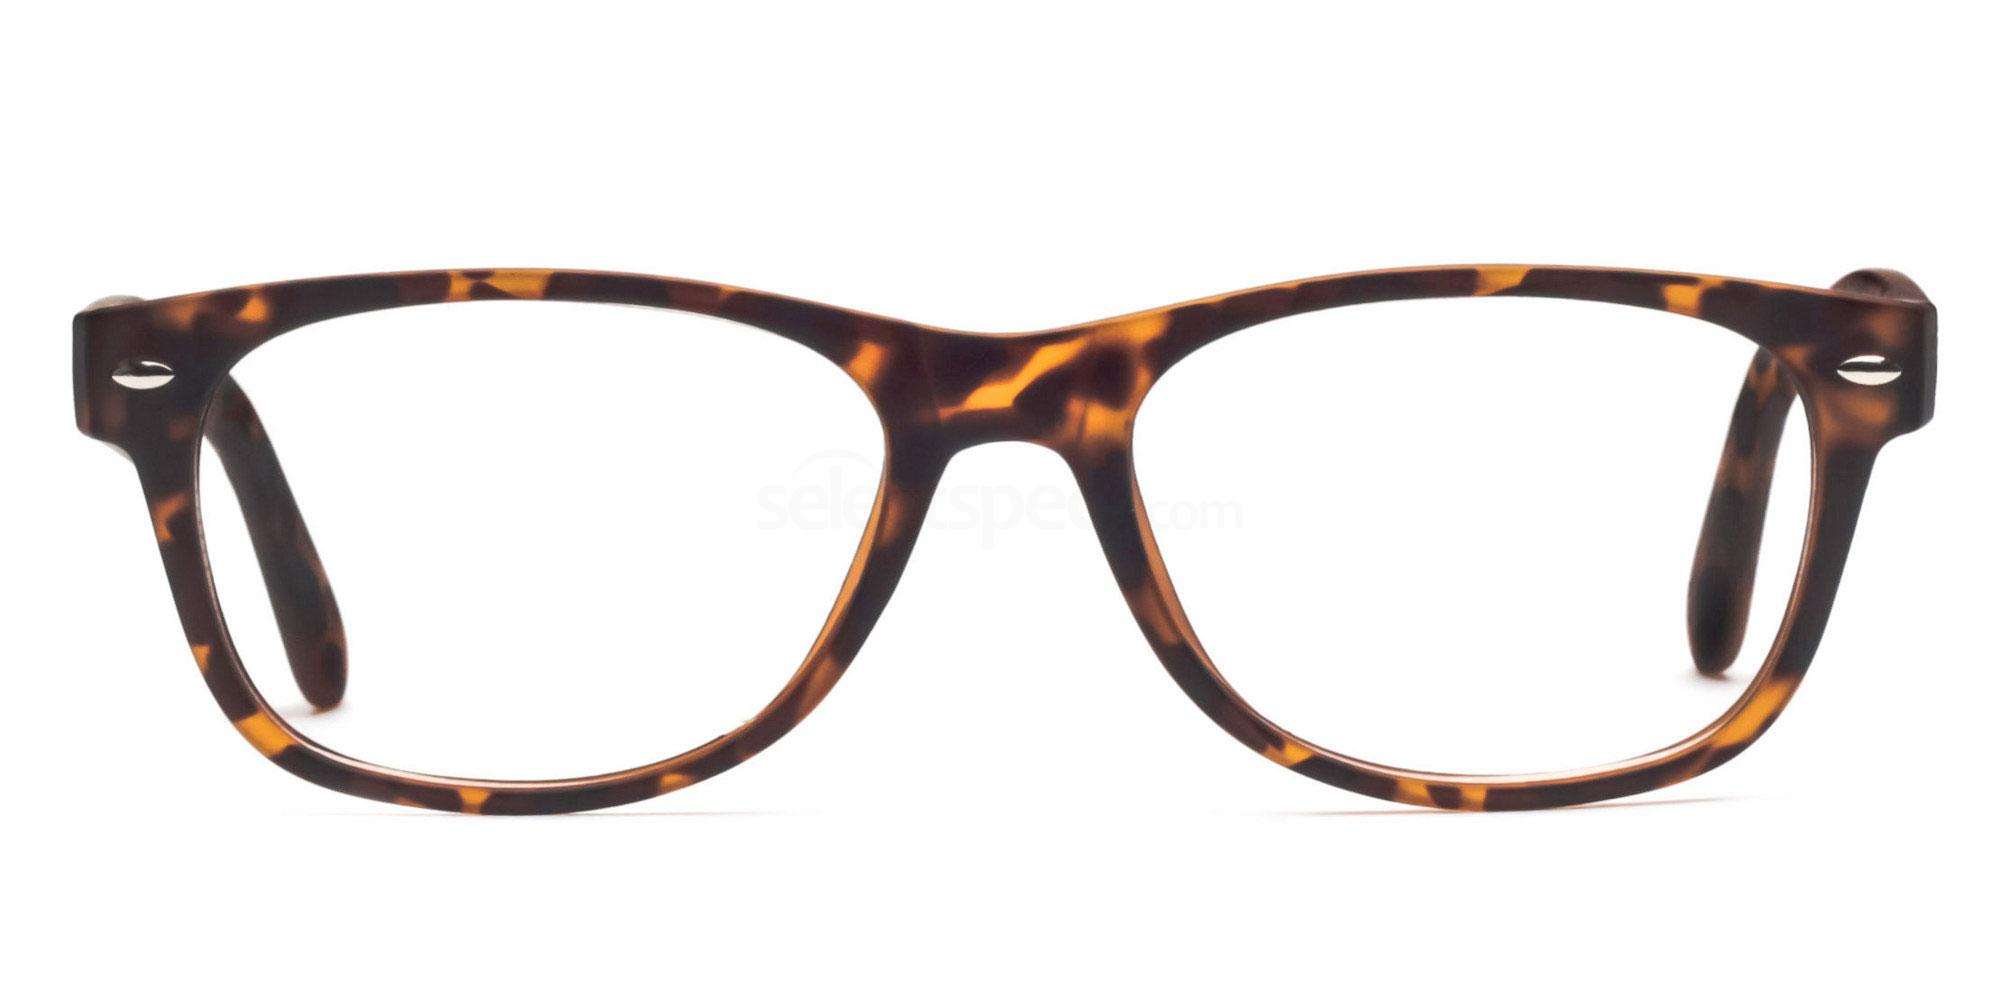 Tortoise 8122 - Tortoise Glasses, Savannah